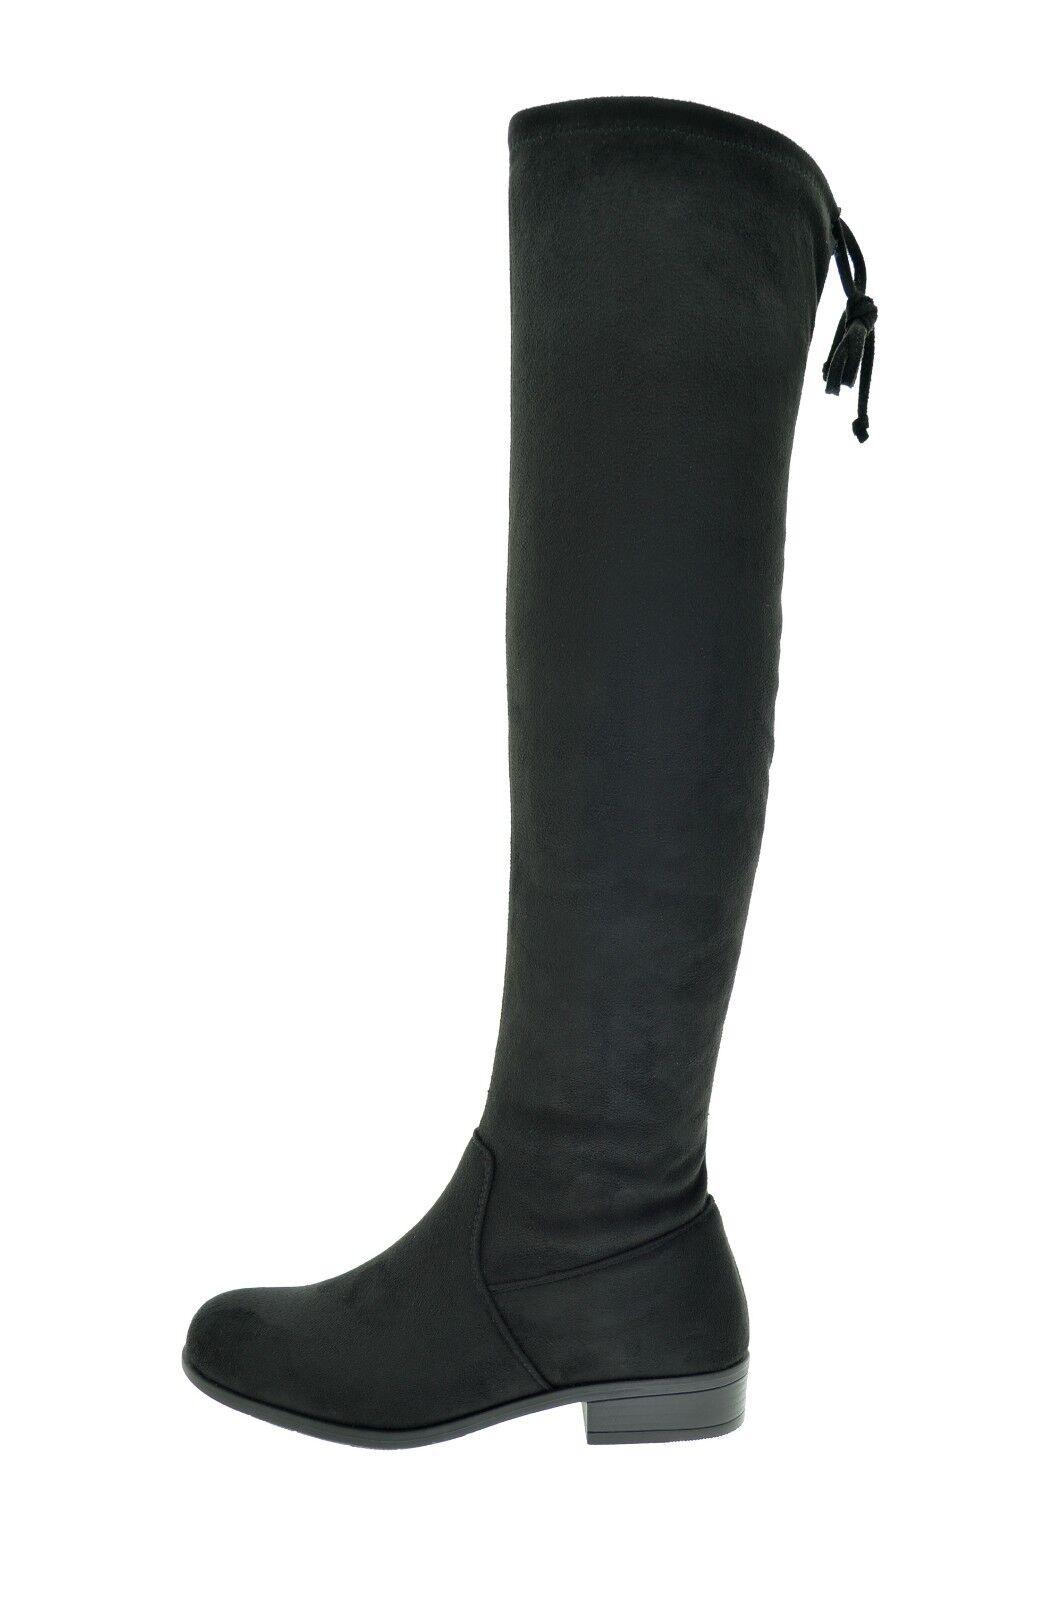 scarpe di separazione 06c2a c43b1 Dettagli su Stivali neri scamosciati alti donna stivale invernale camoscio  tacco basso lacci